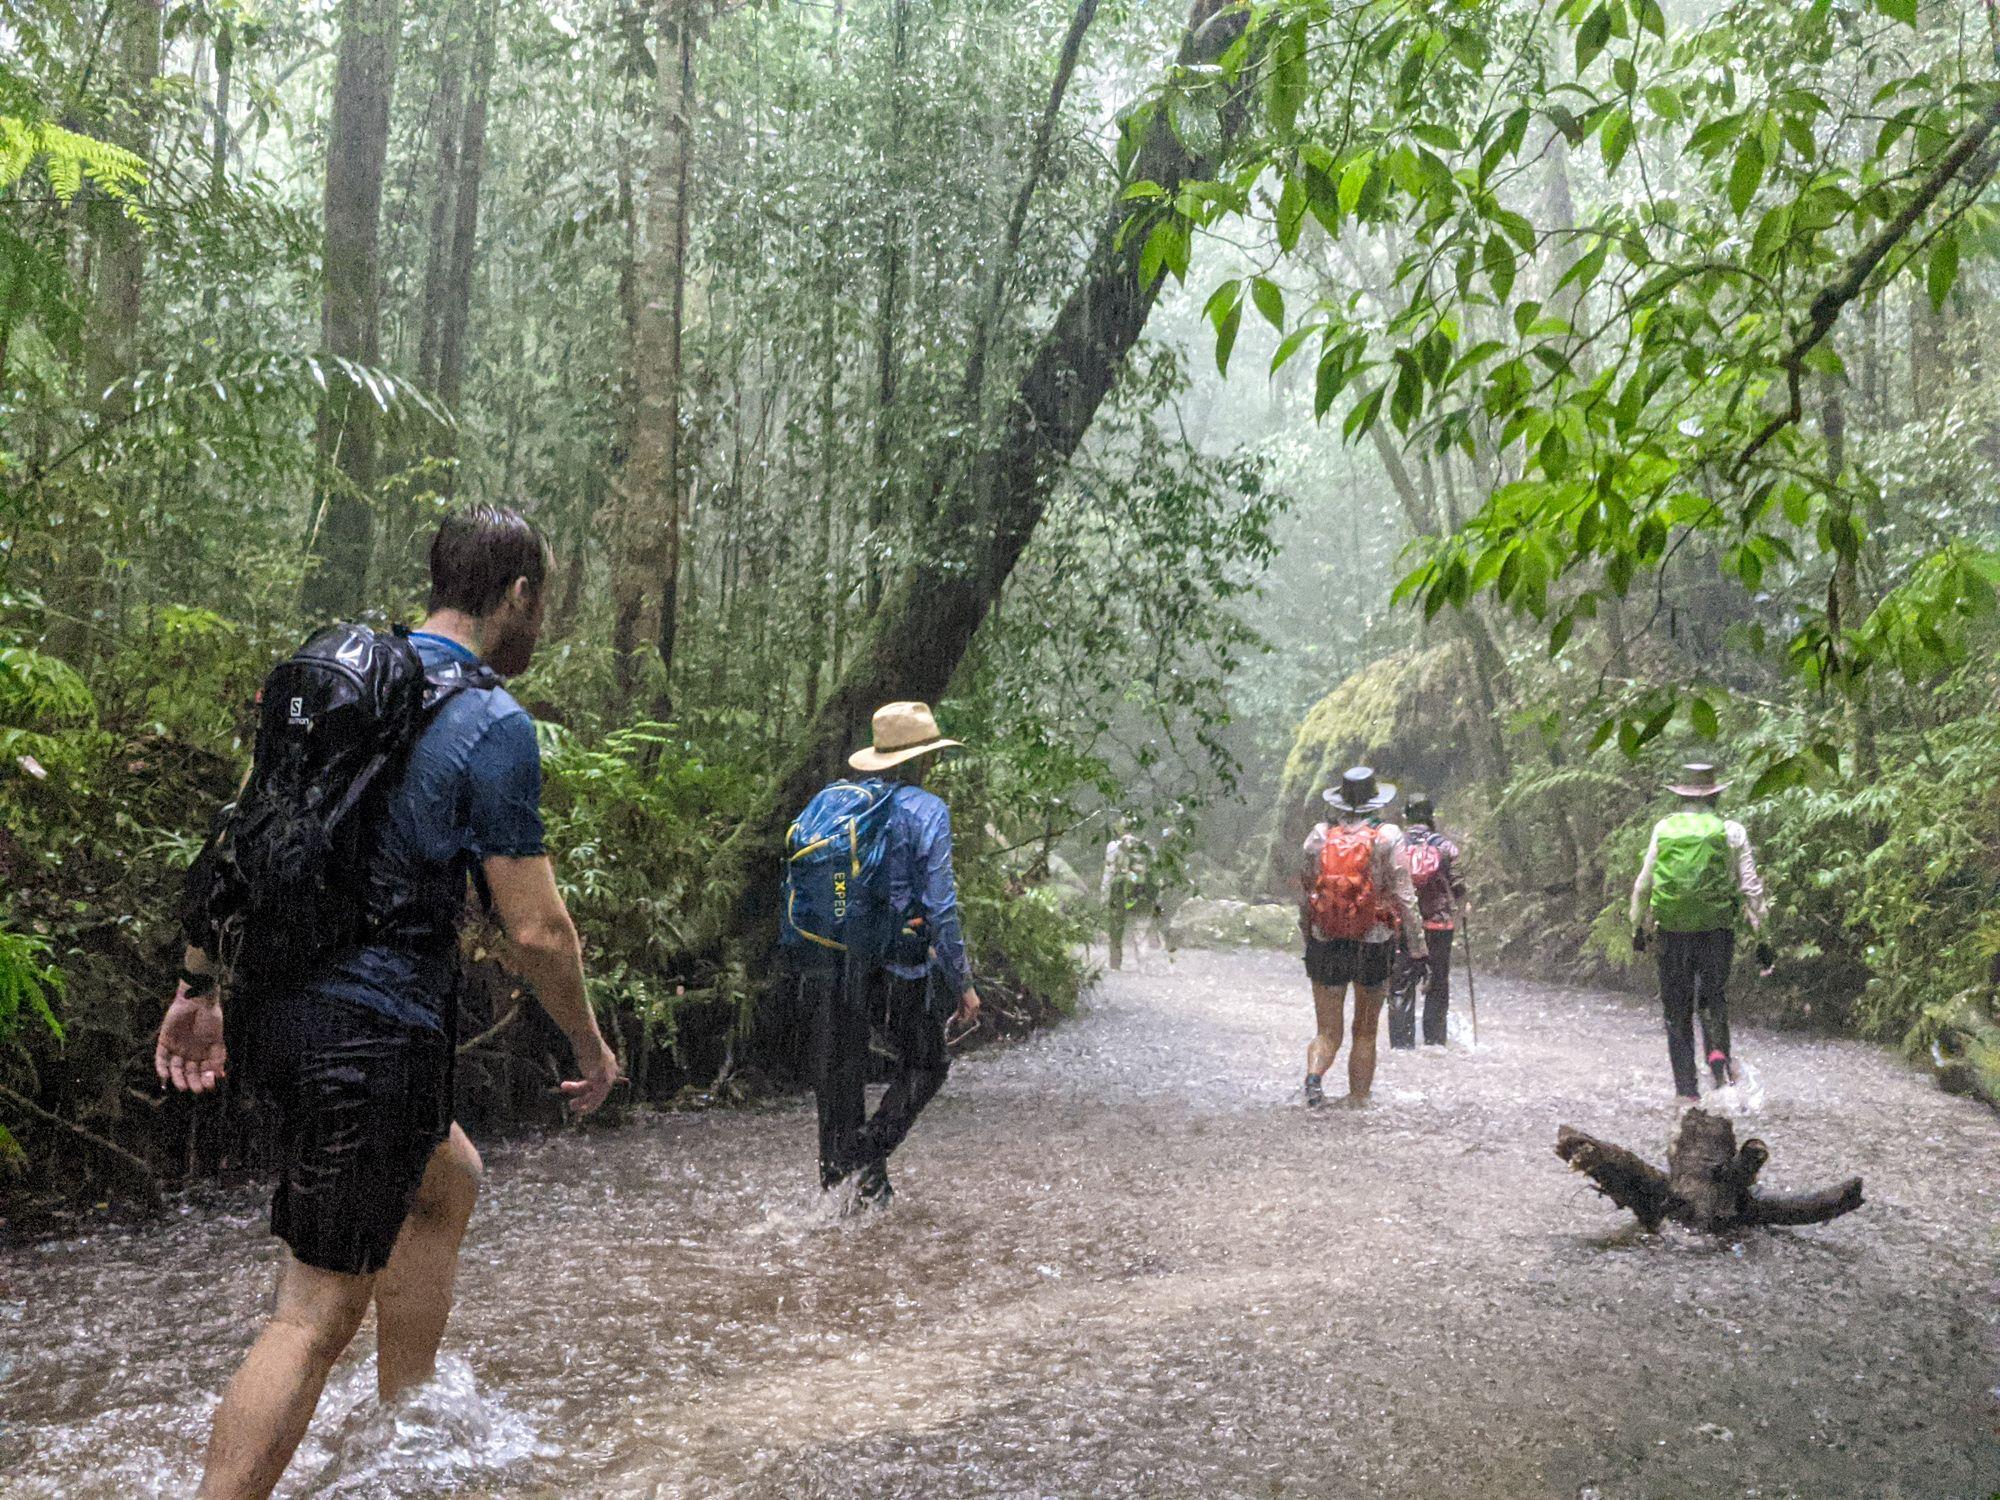 bushwalking in the rain